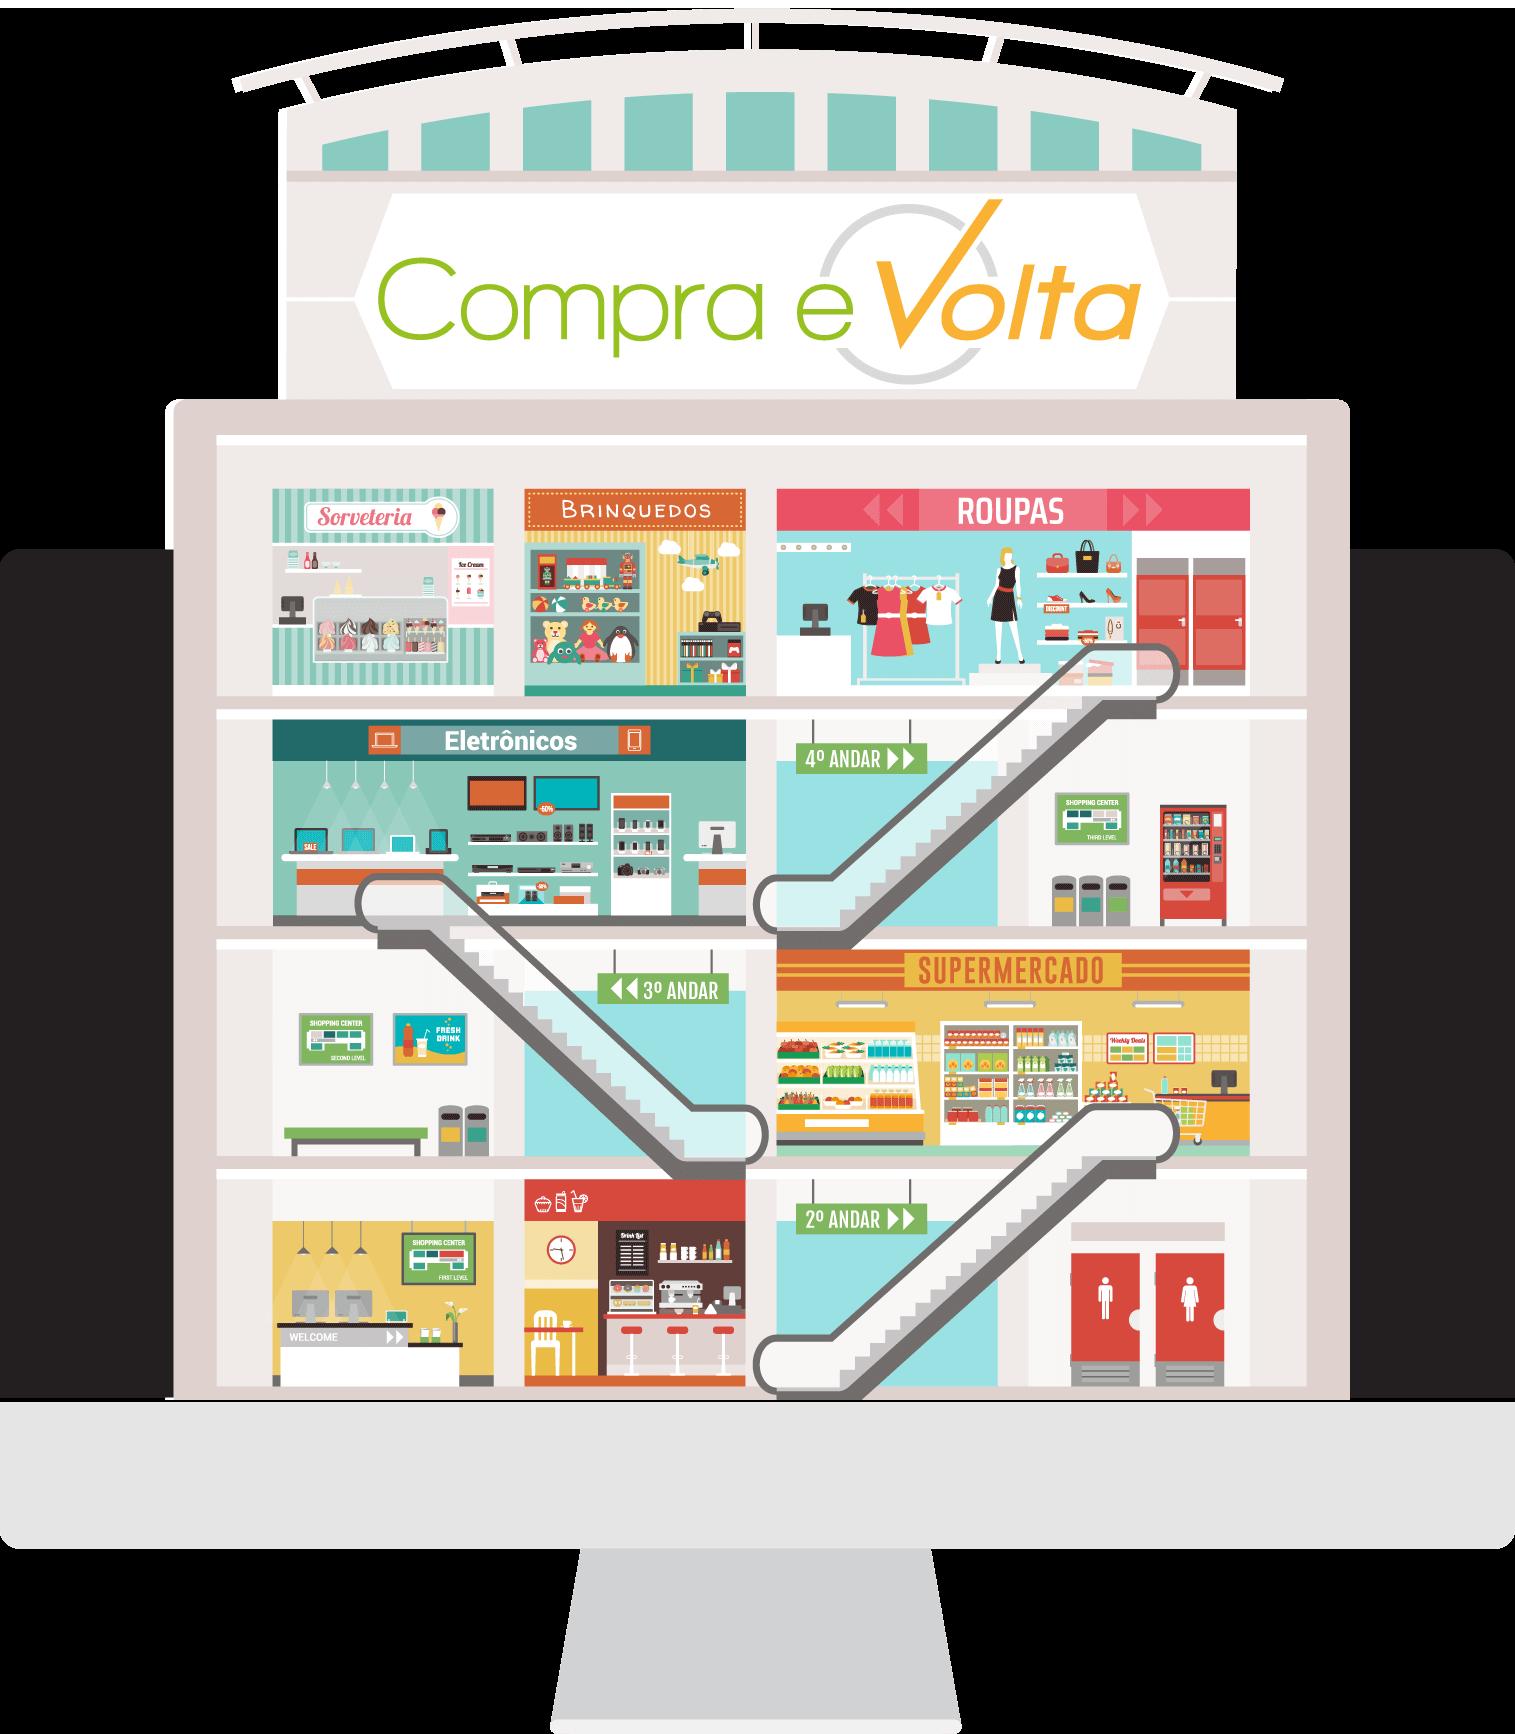 ff79f380b O Compra e Volta é igual a um Shopping. Você pode buscar entre mais de 240  das melhores lojas online